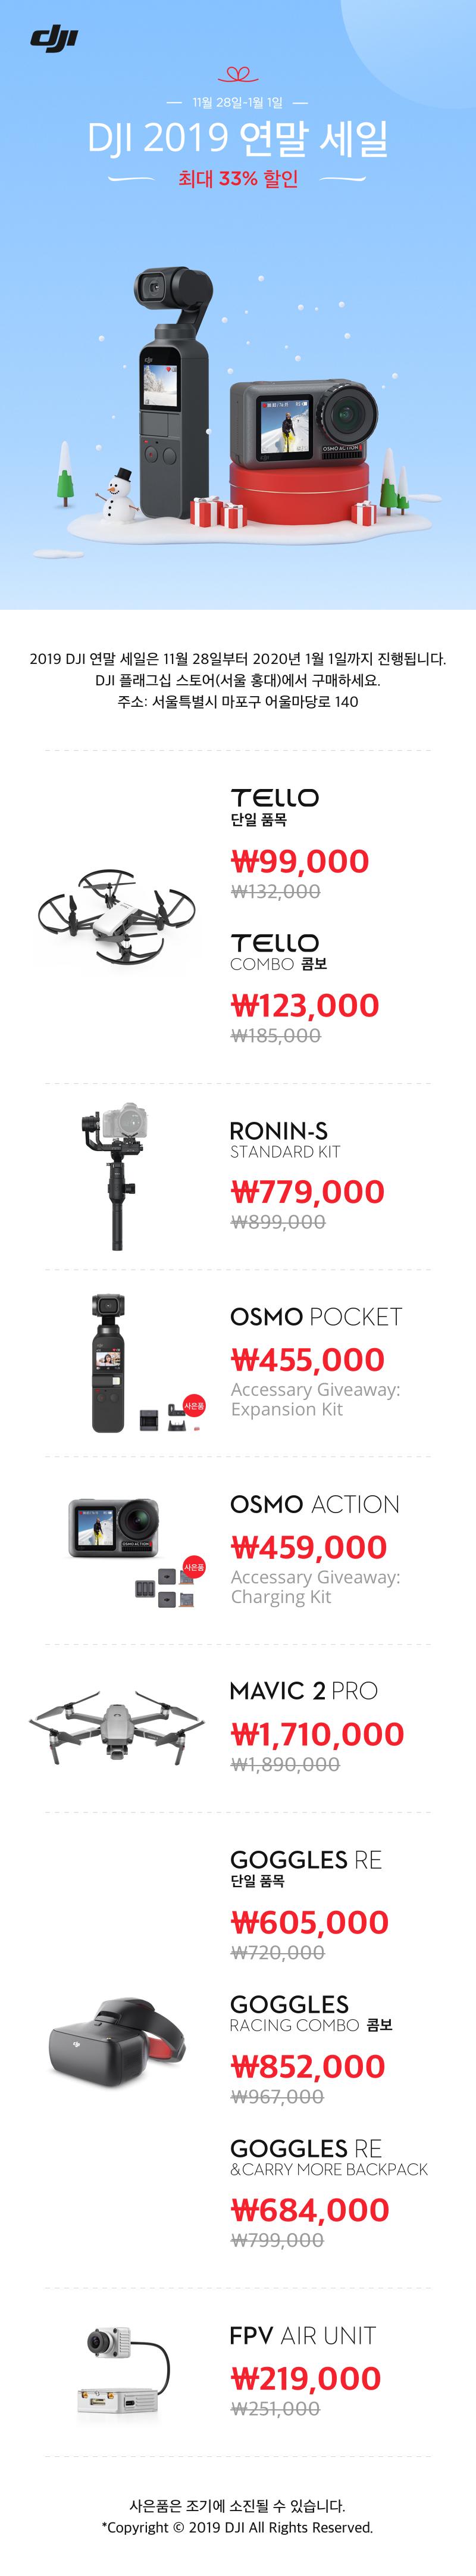 800-无OM3&RSC.jpg